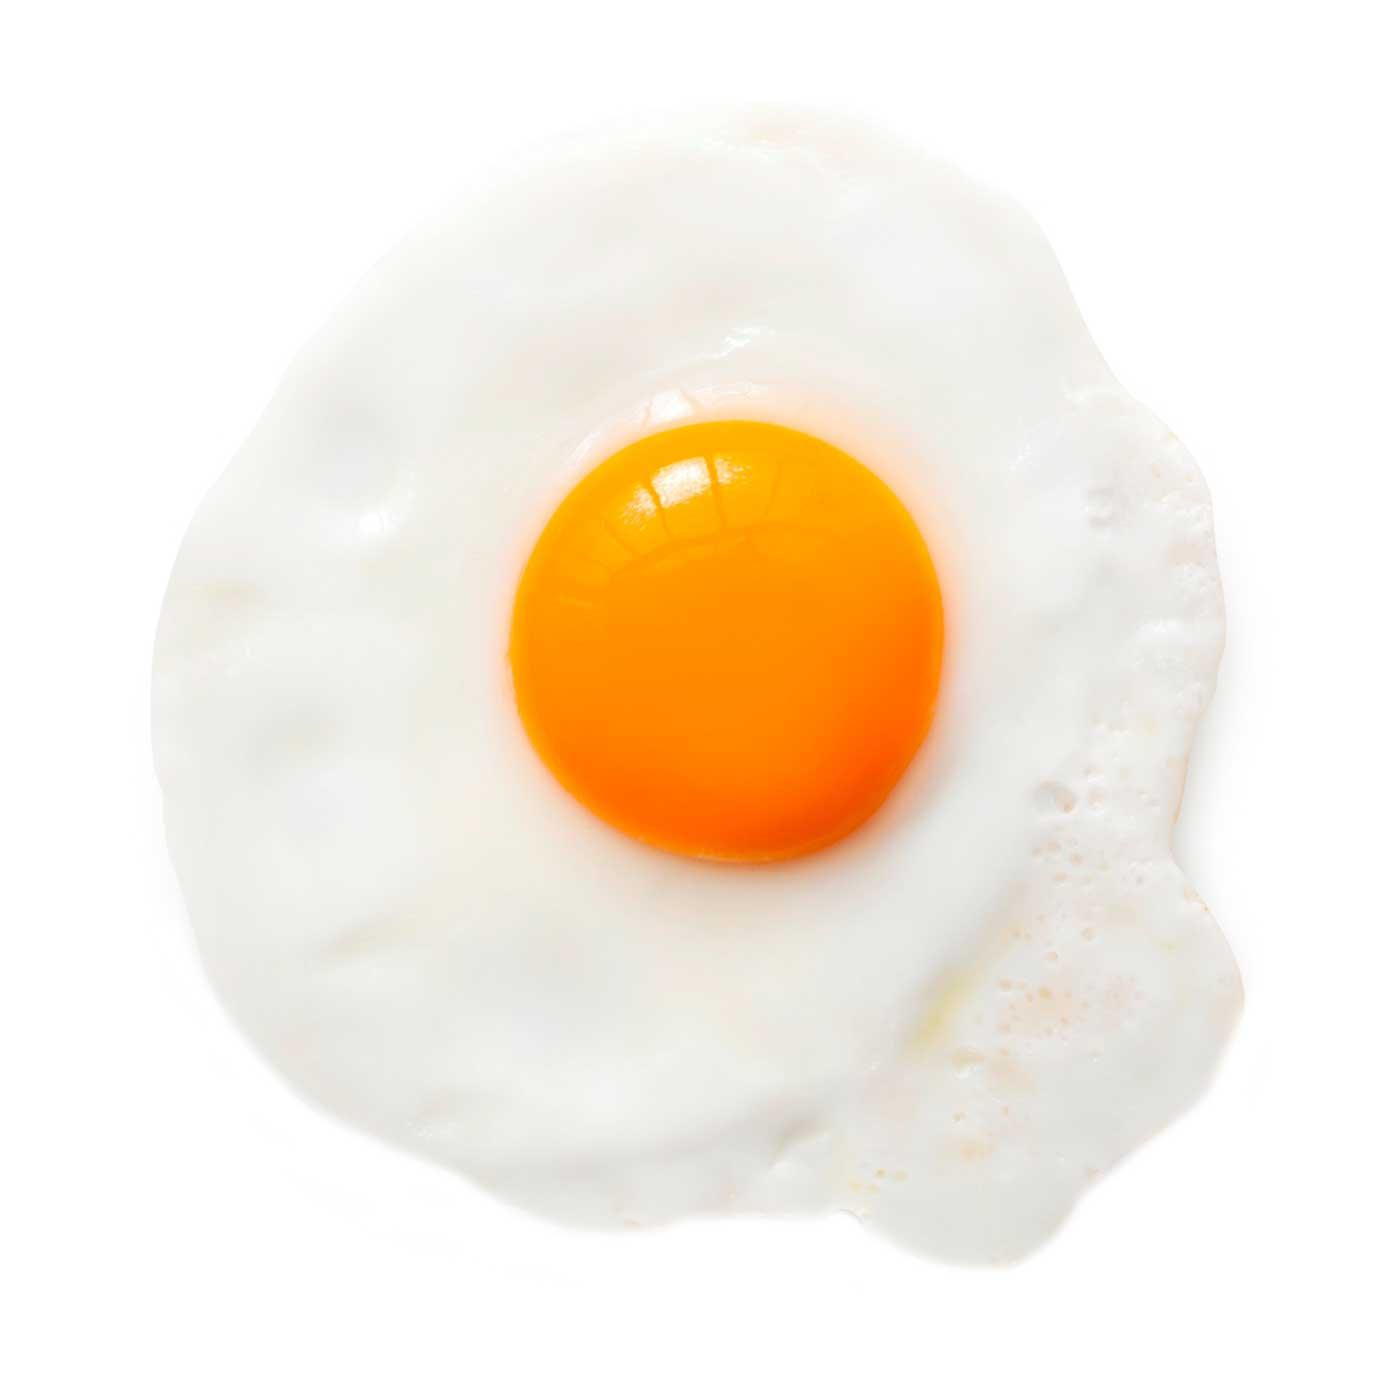 Fried Egg Aqua4balance